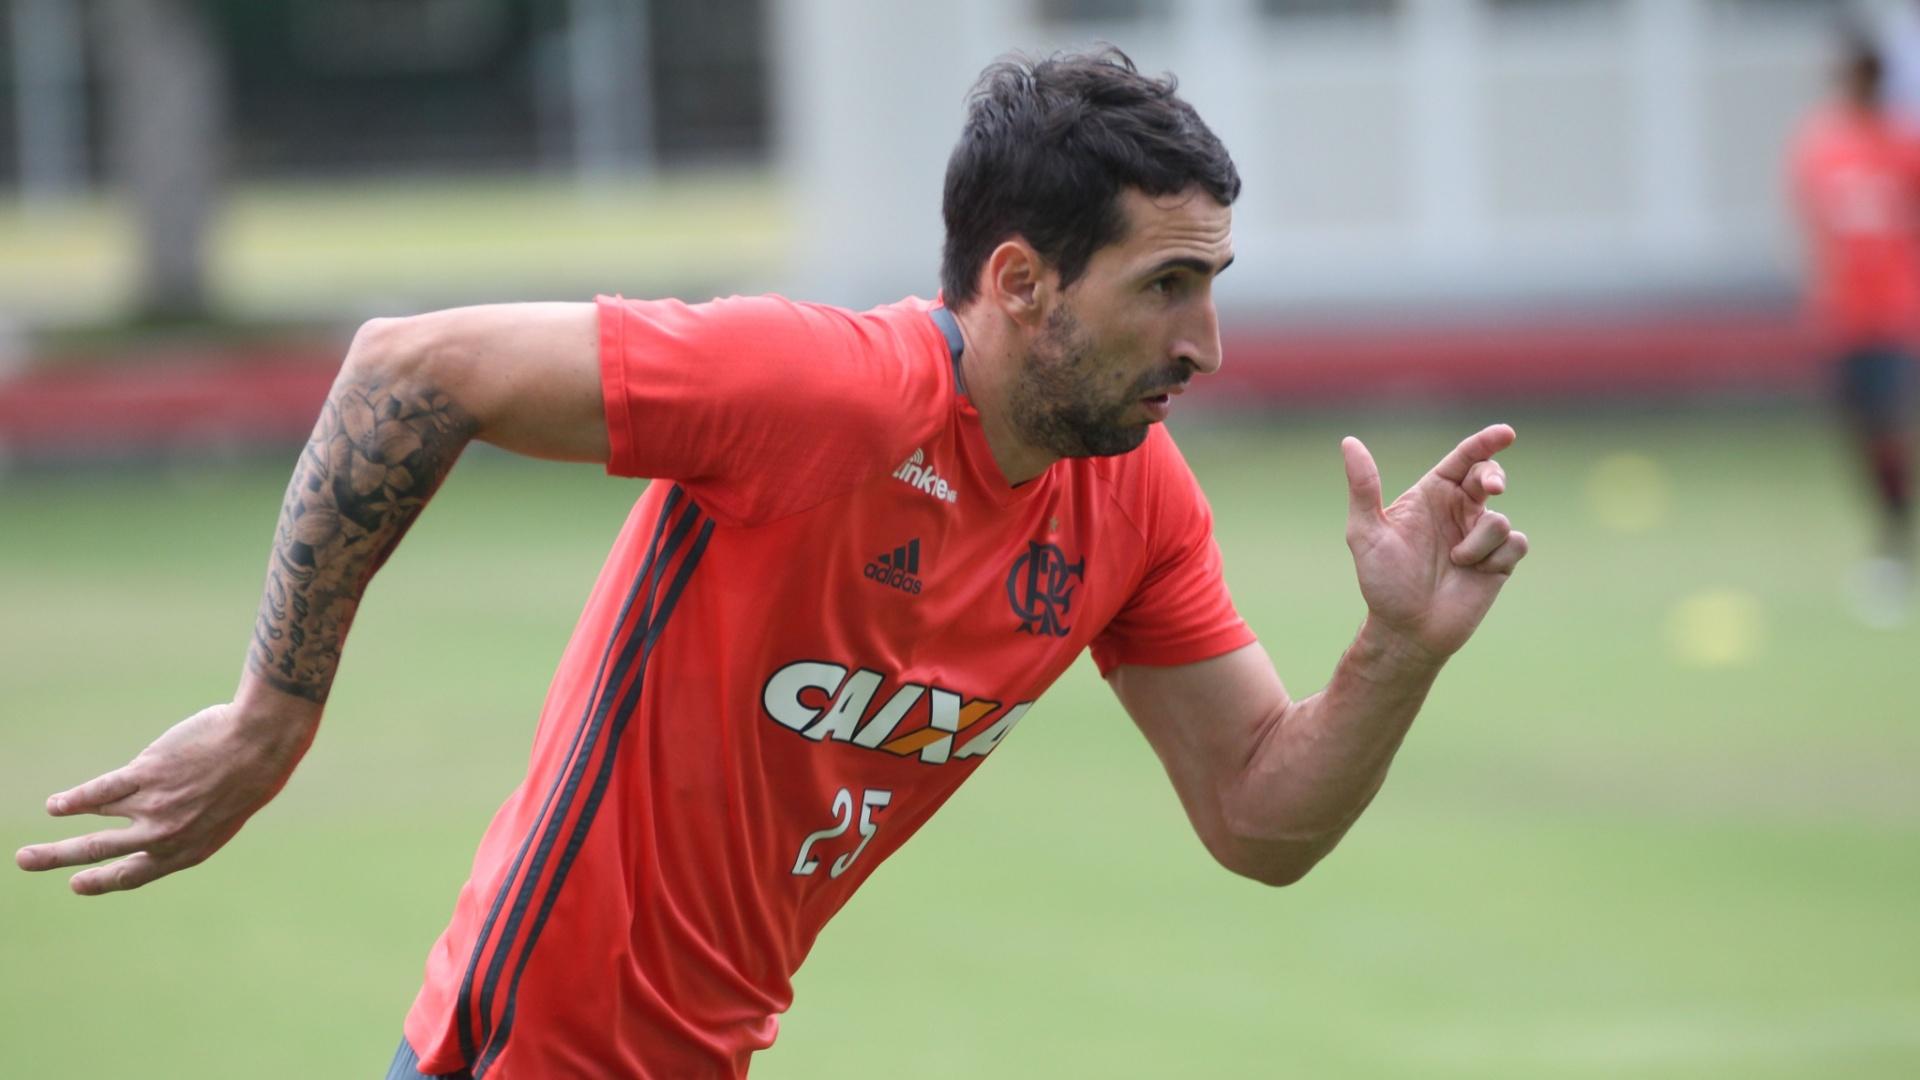 Alejandro Donatti chegou com status ao Flamengo, mas luta para se firmar no clube